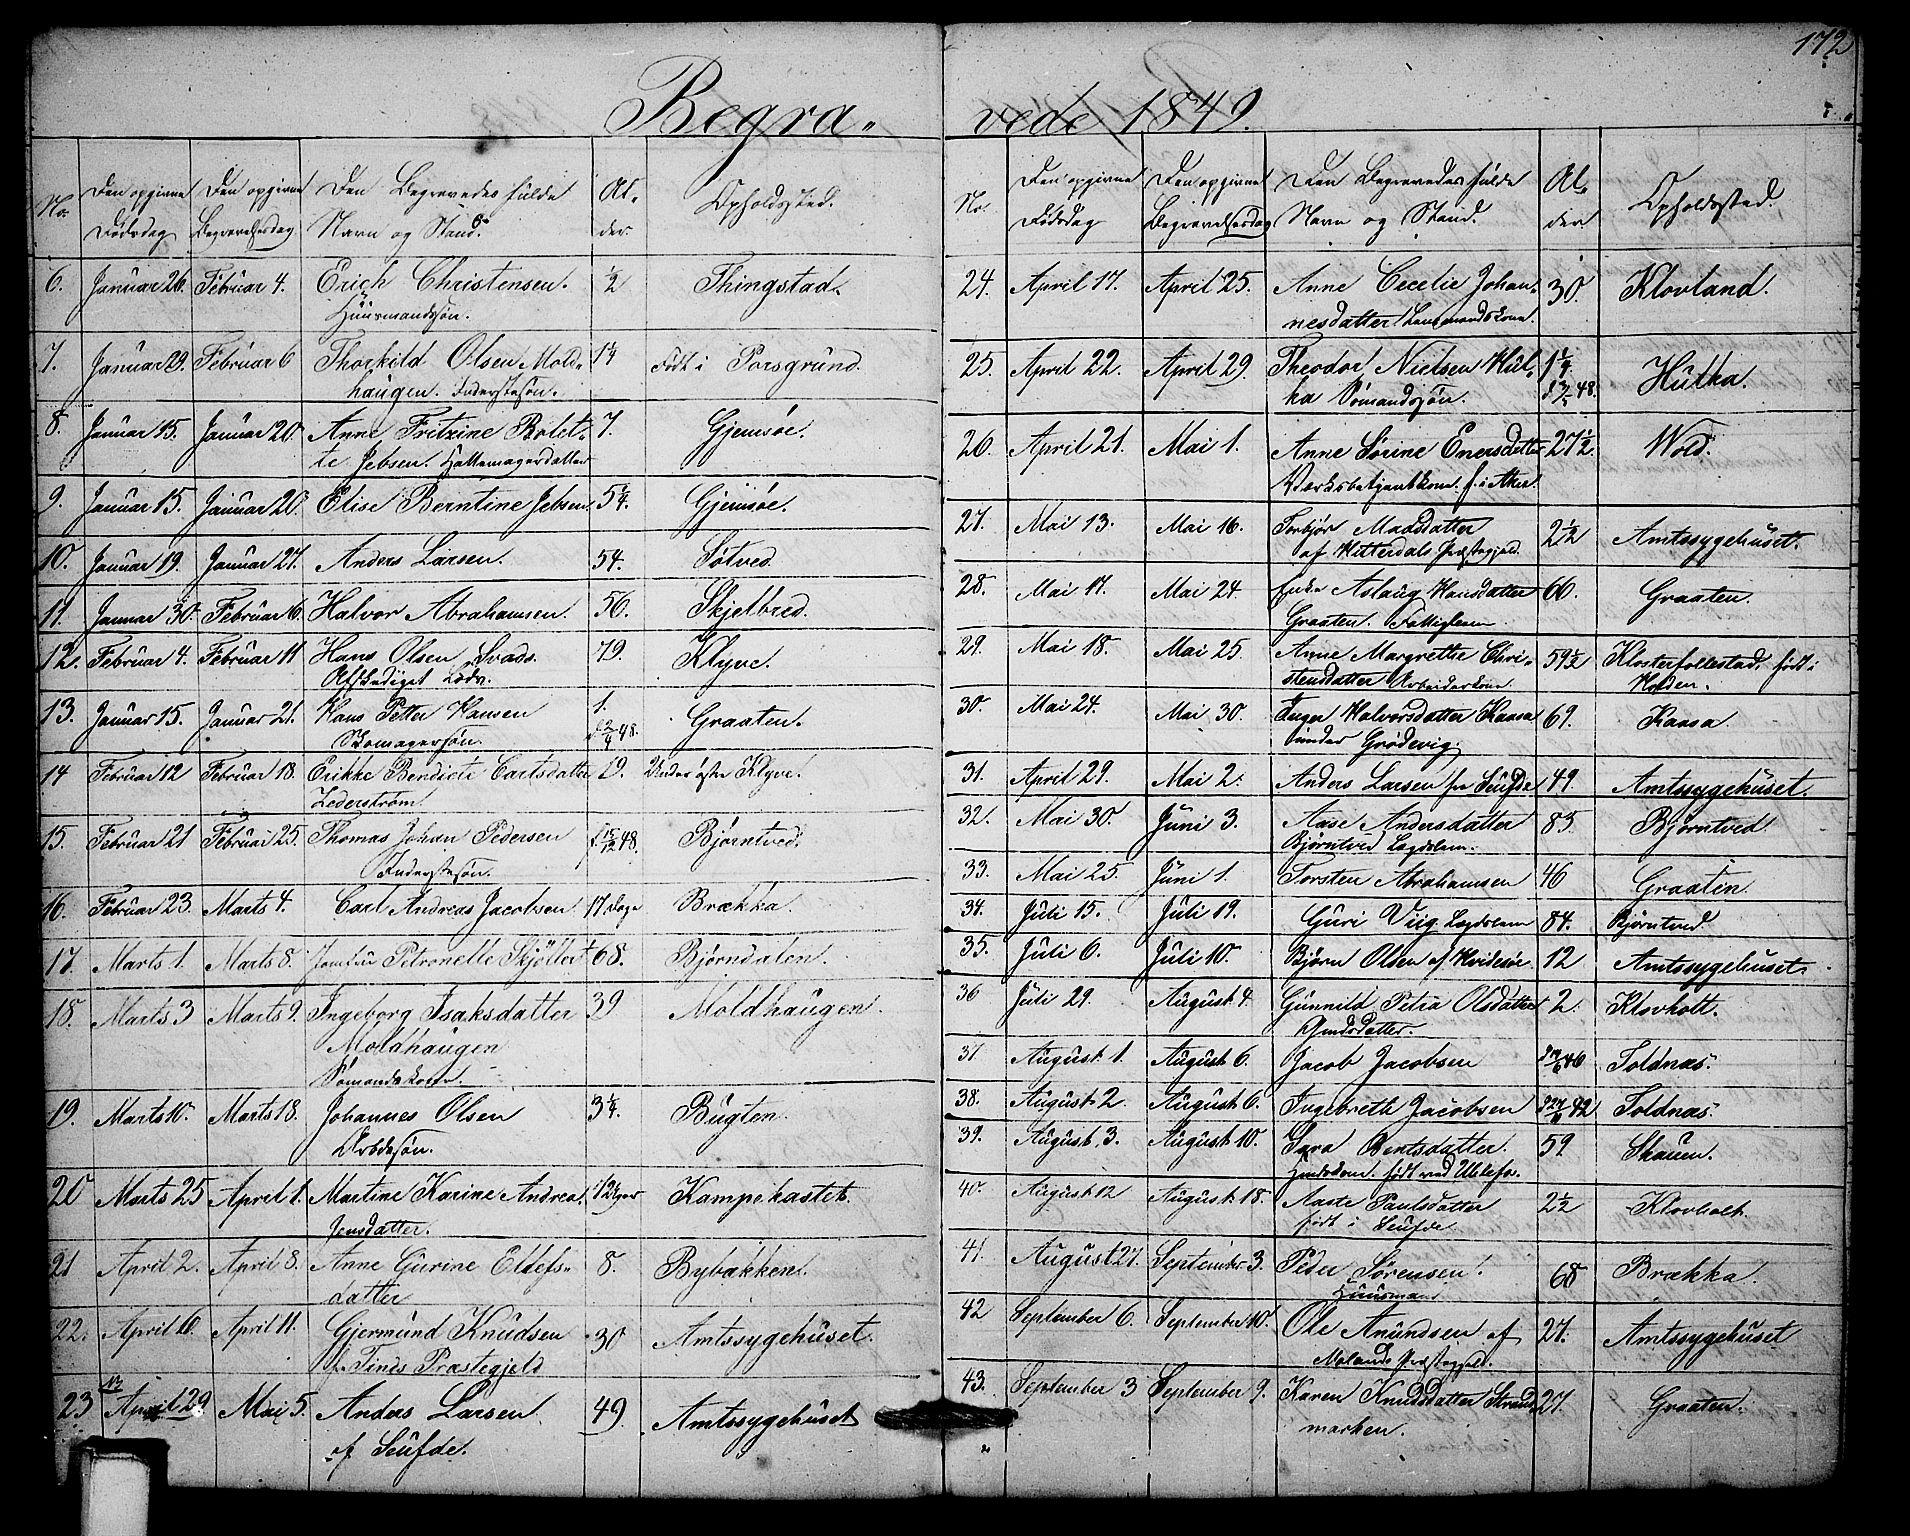 SAKO, Solum kirkebøker, G/Ga/L0003: Klokkerbok nr. I 3, 1848-1859, s. 172